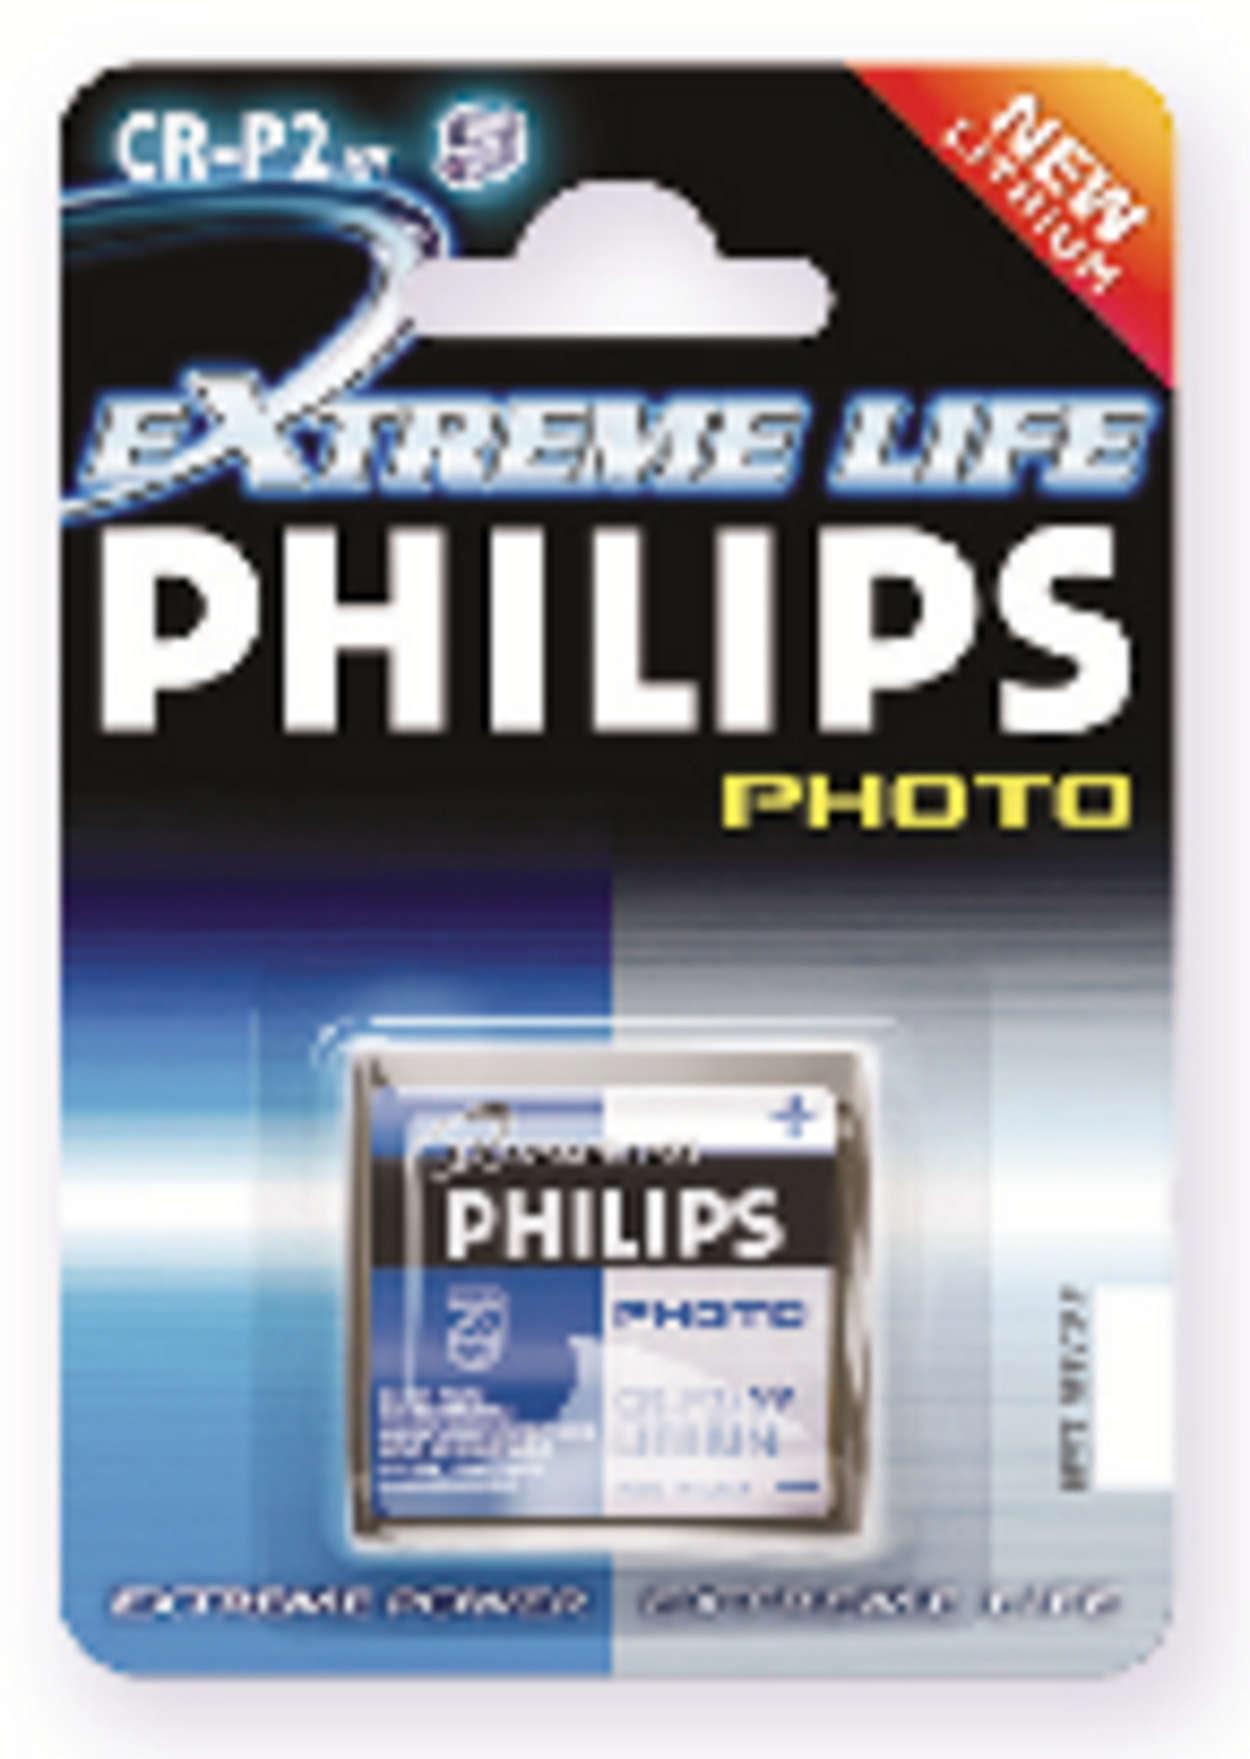 Lithium-Technologie erstklassiger Qualität für Ihre Kamera